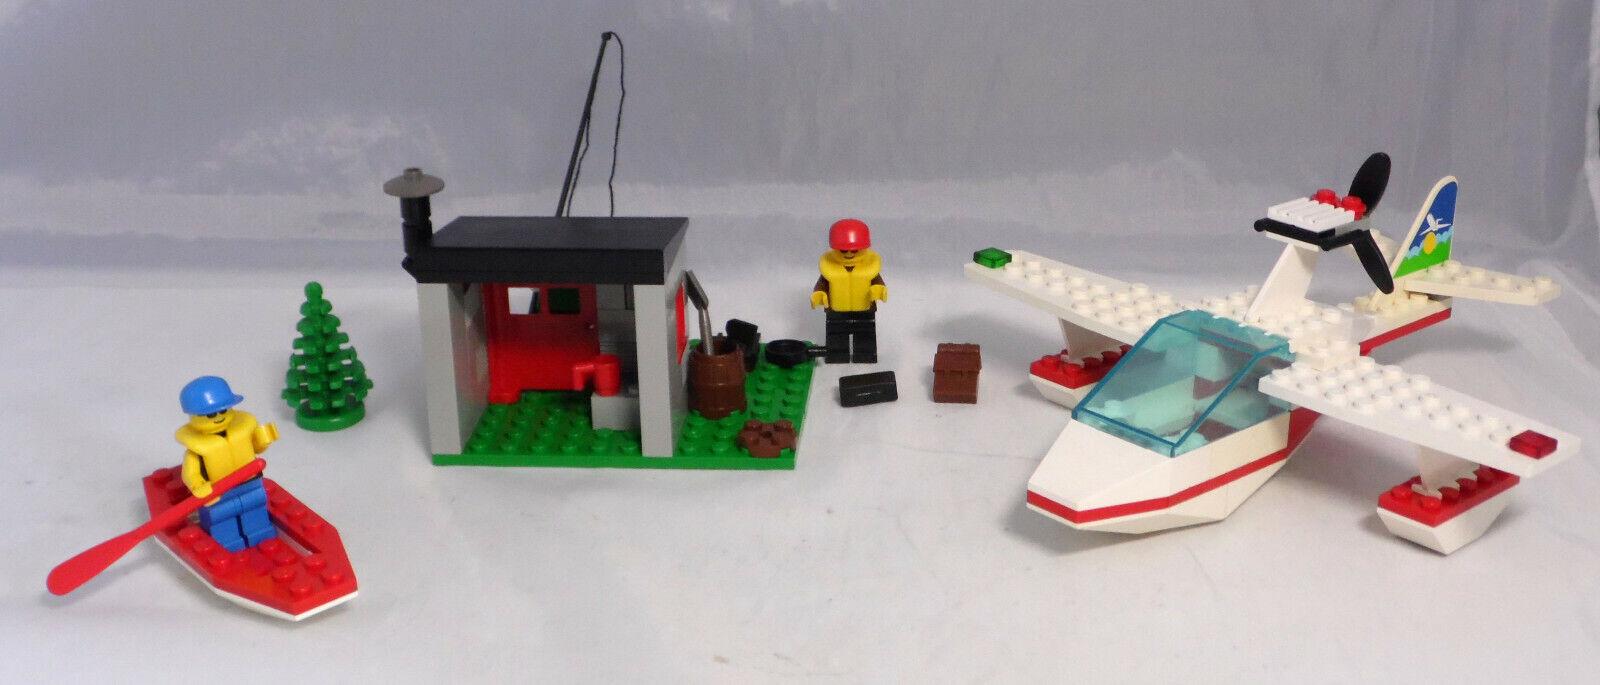 Lego 1817 Wasserflugzeug mit Fischerhütte Fischerhütte Fischerhütte Canadian Lake District komplett  13 42c451